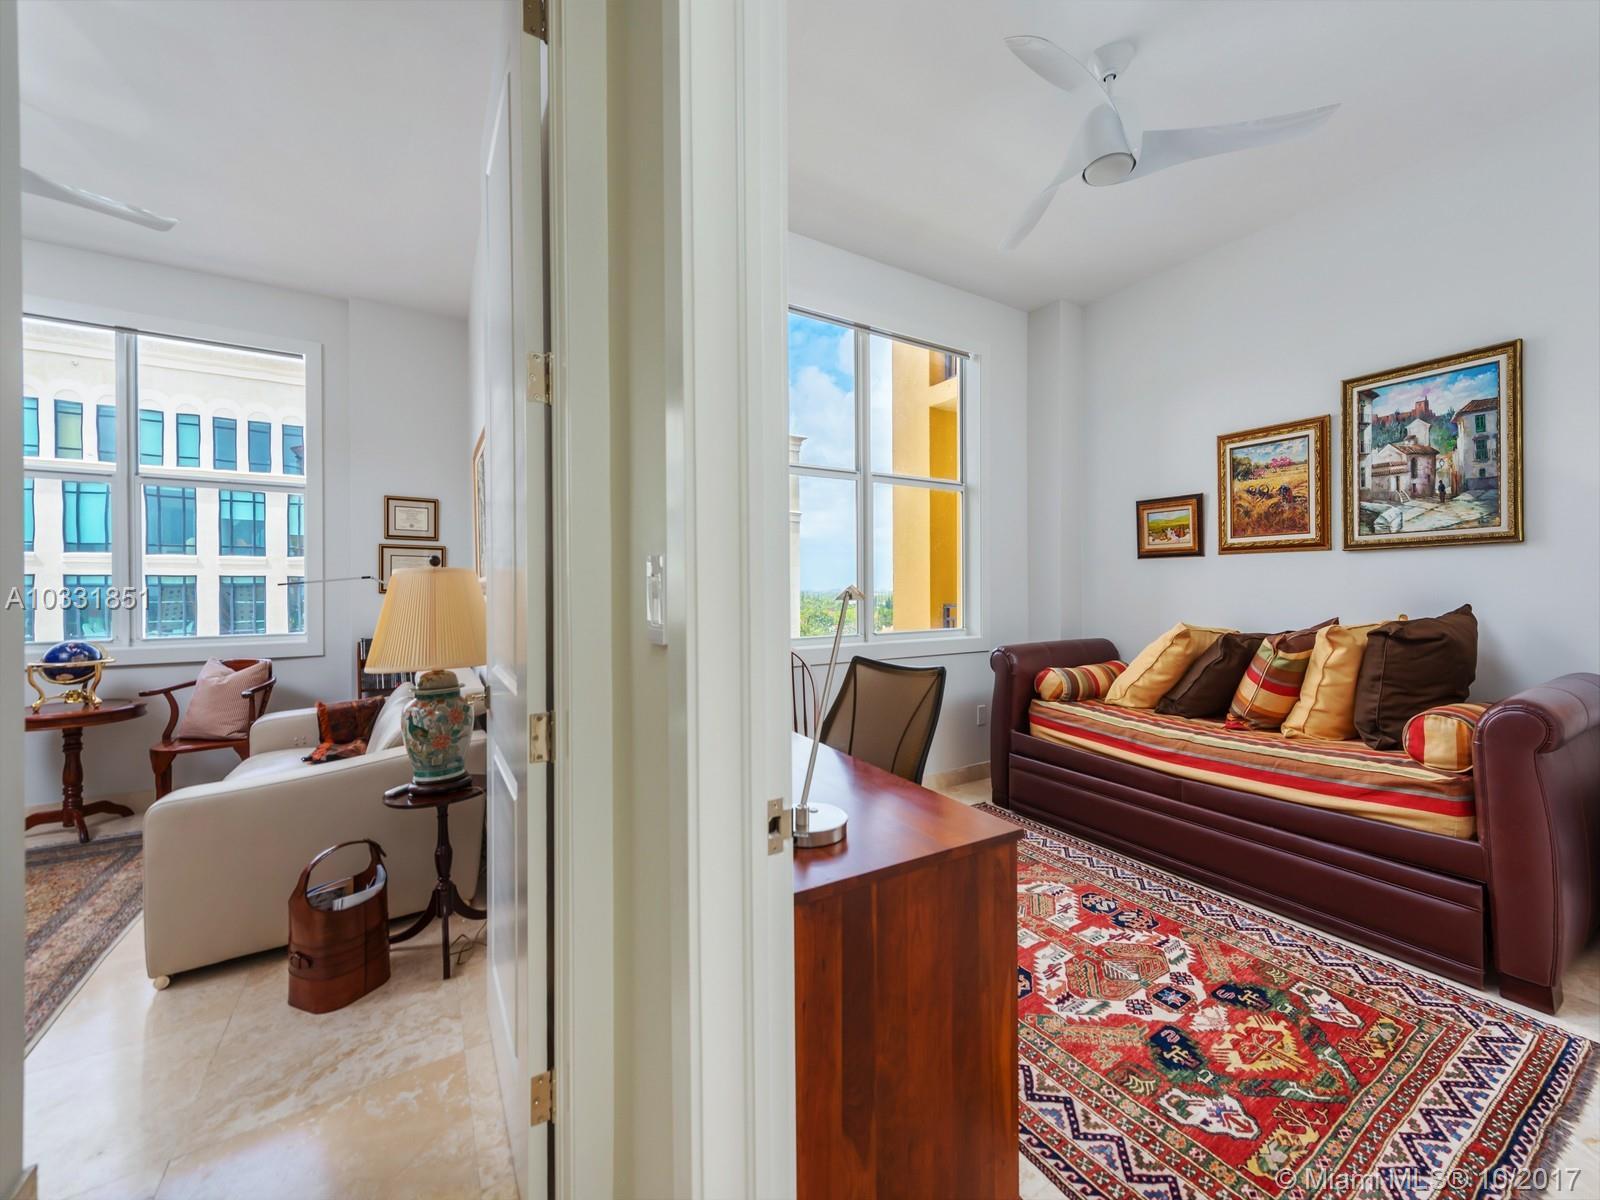 1607 Ponce De Leon Blvd # 11B, Coral Gables, FL 33134